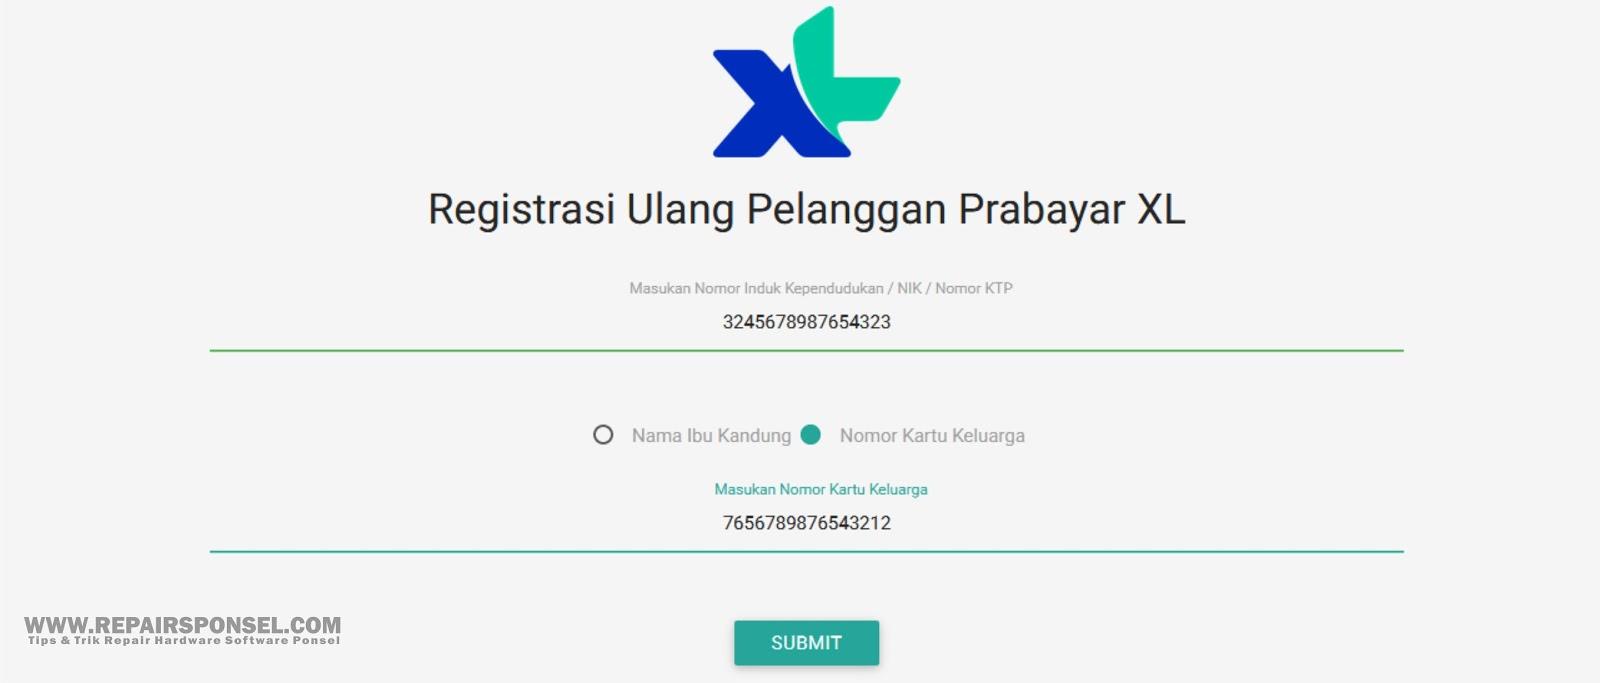 Cara Registrasi Ulang Kartu XL Sesuai KTP dan KK  Repairs Ponsel